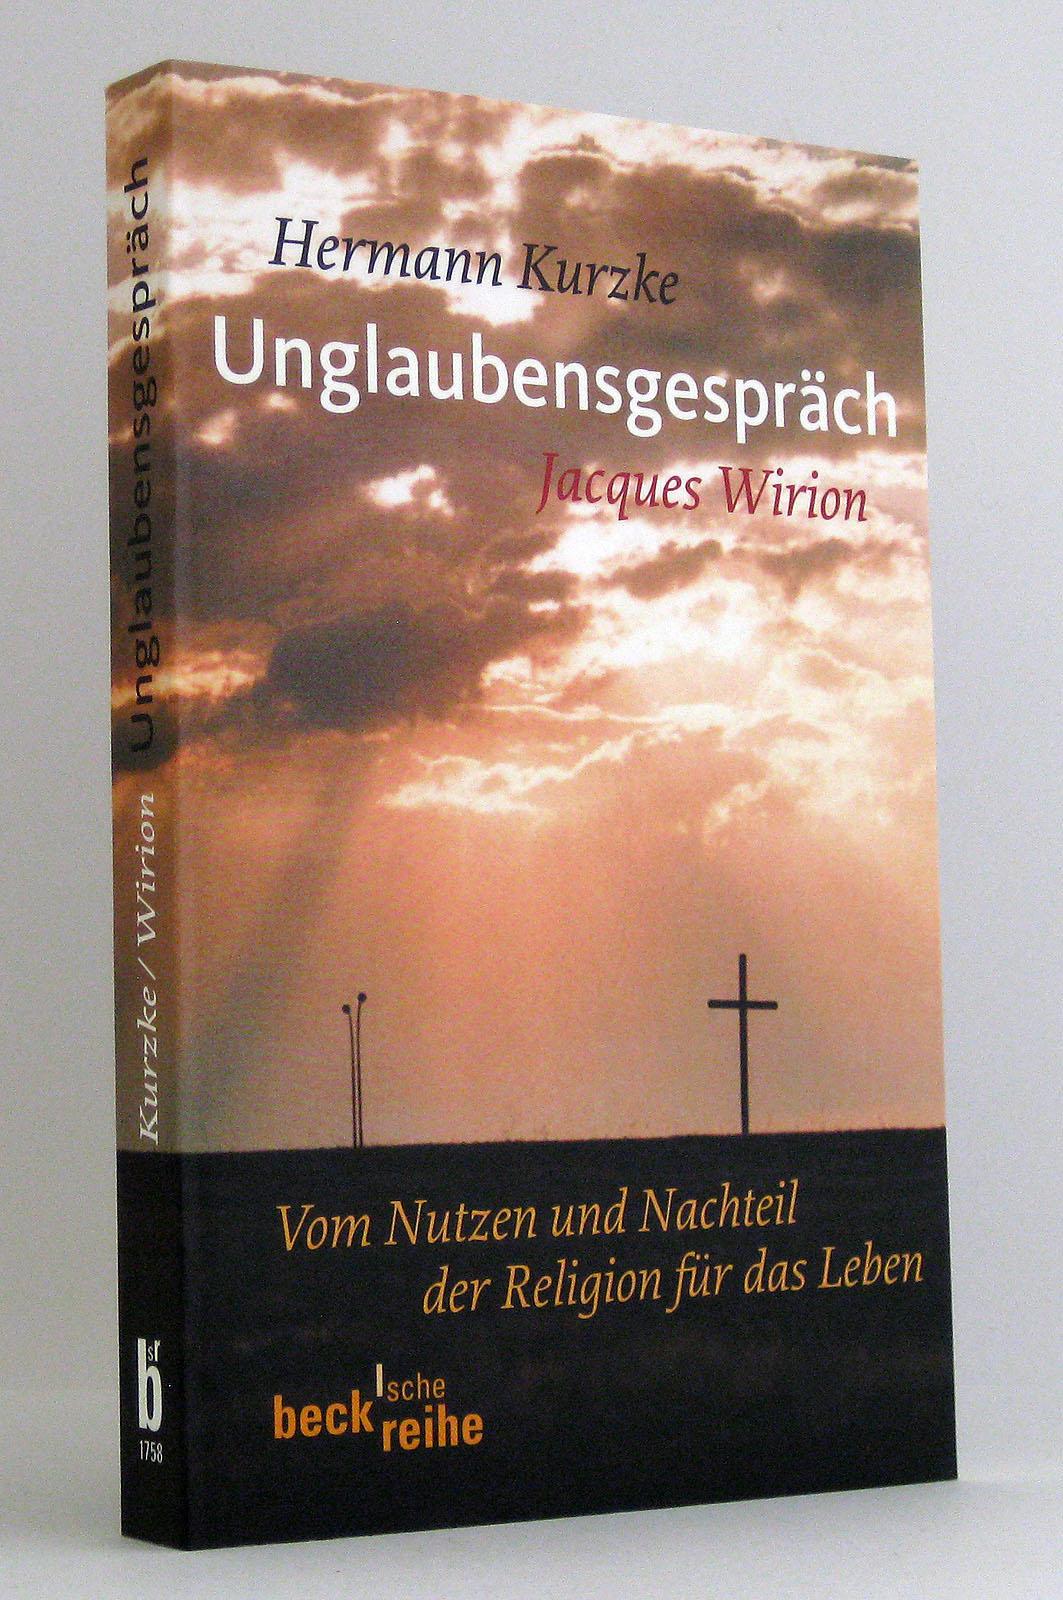 Unglaubensgespräch : Vom Nutzen und Nachteil der Religion für das Leben. (Reihe: Beck'sche Reihe, Band 1758) - Kurzke, Hermann Wirion, Jacques